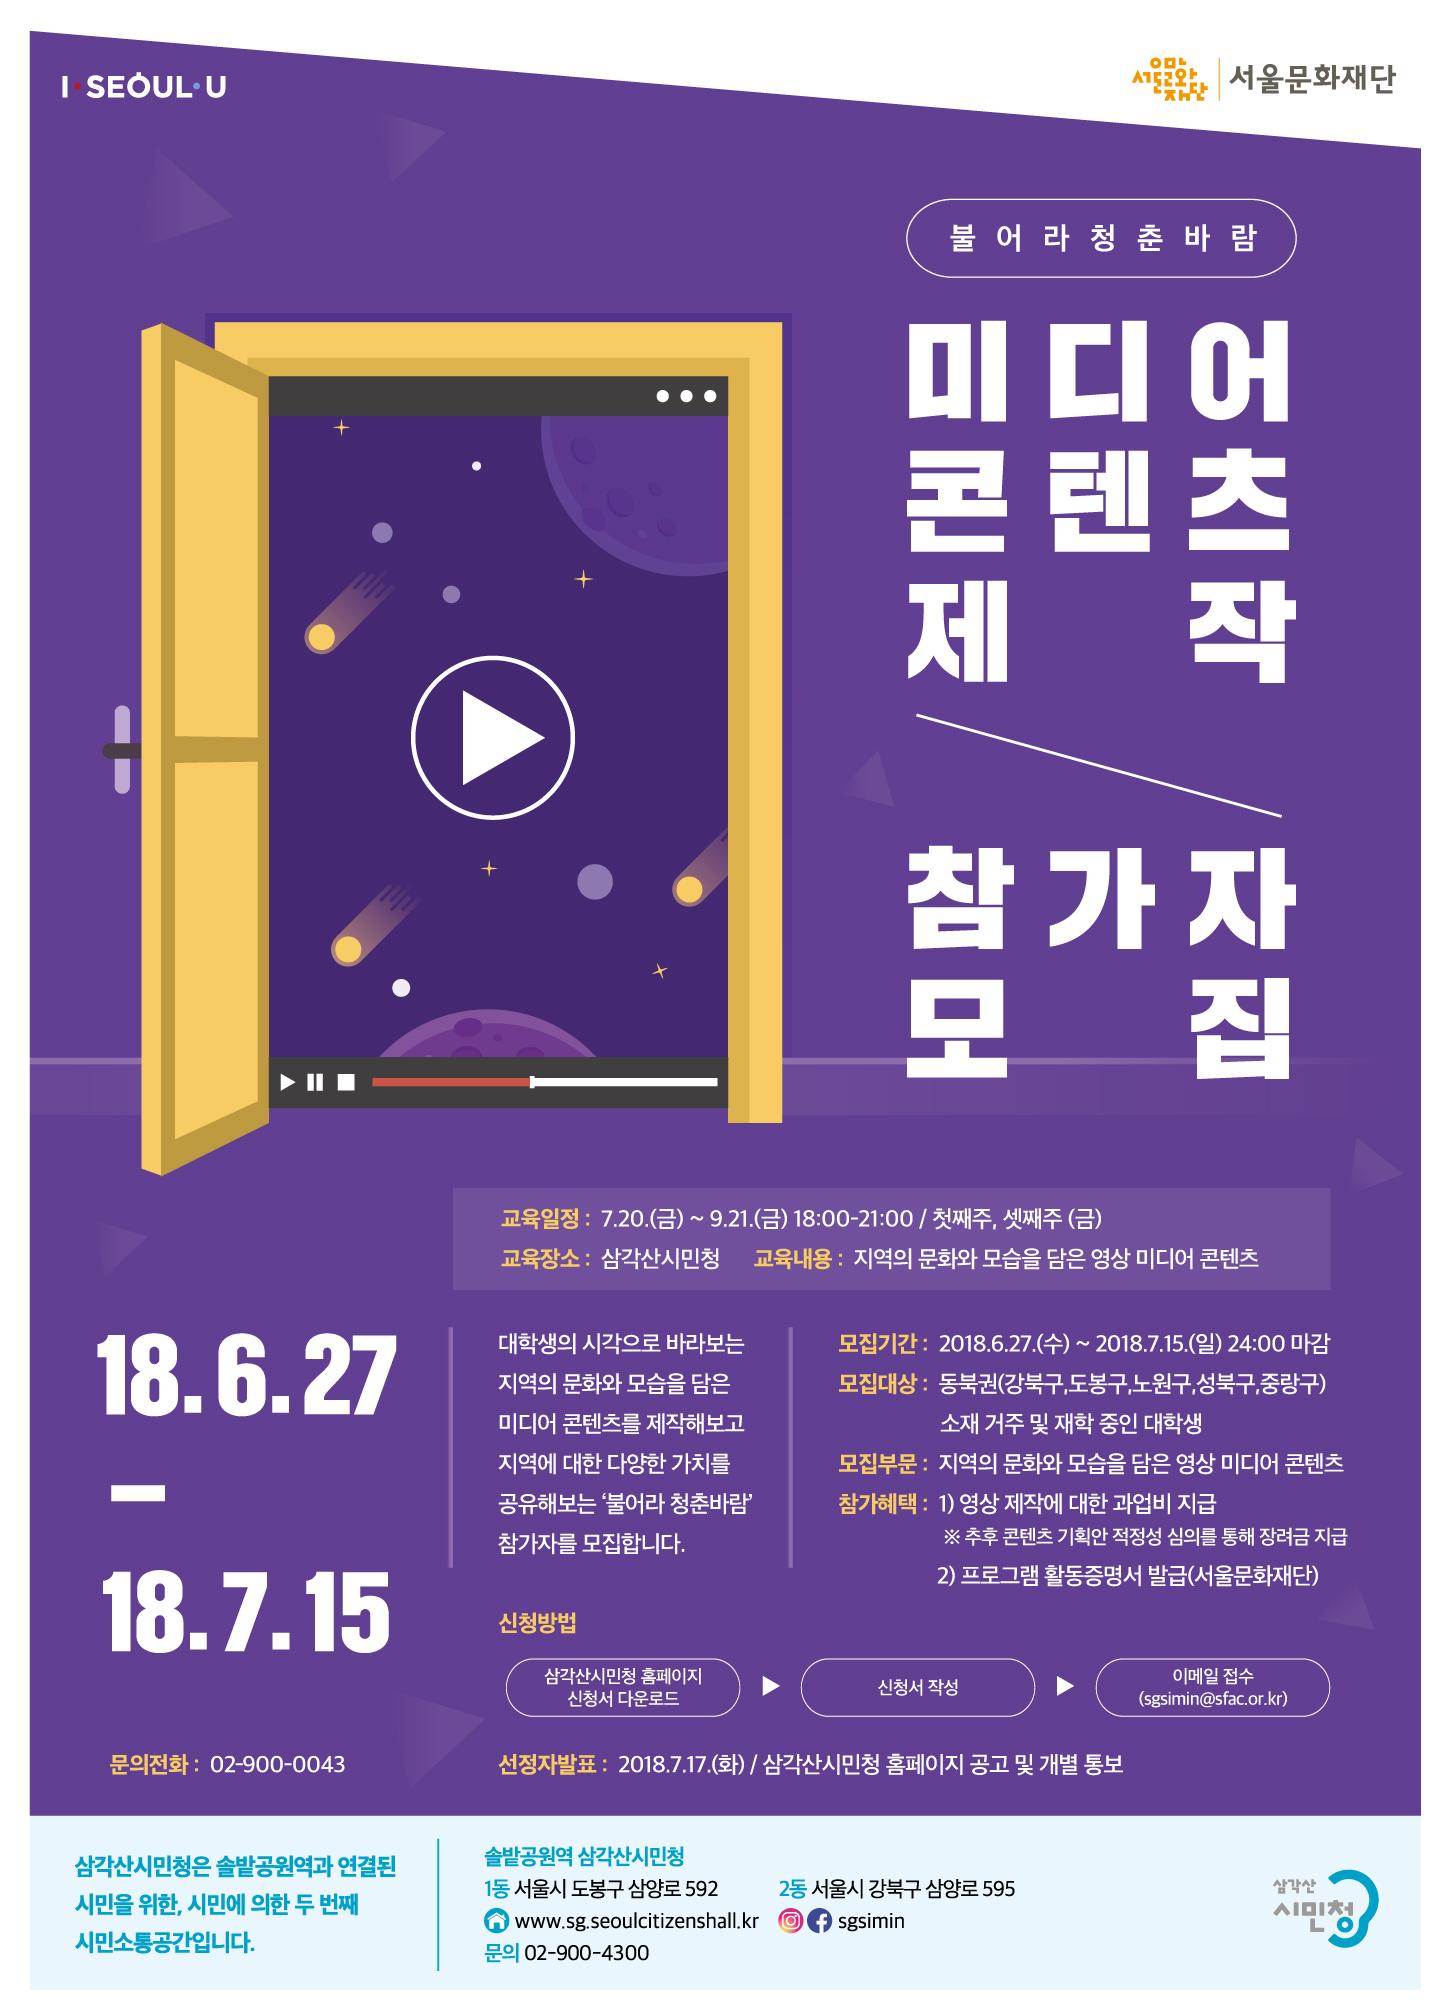 [삼각산시민청] 불어라 청춘바람_미디어콘텐츠 제작 참가자 모집